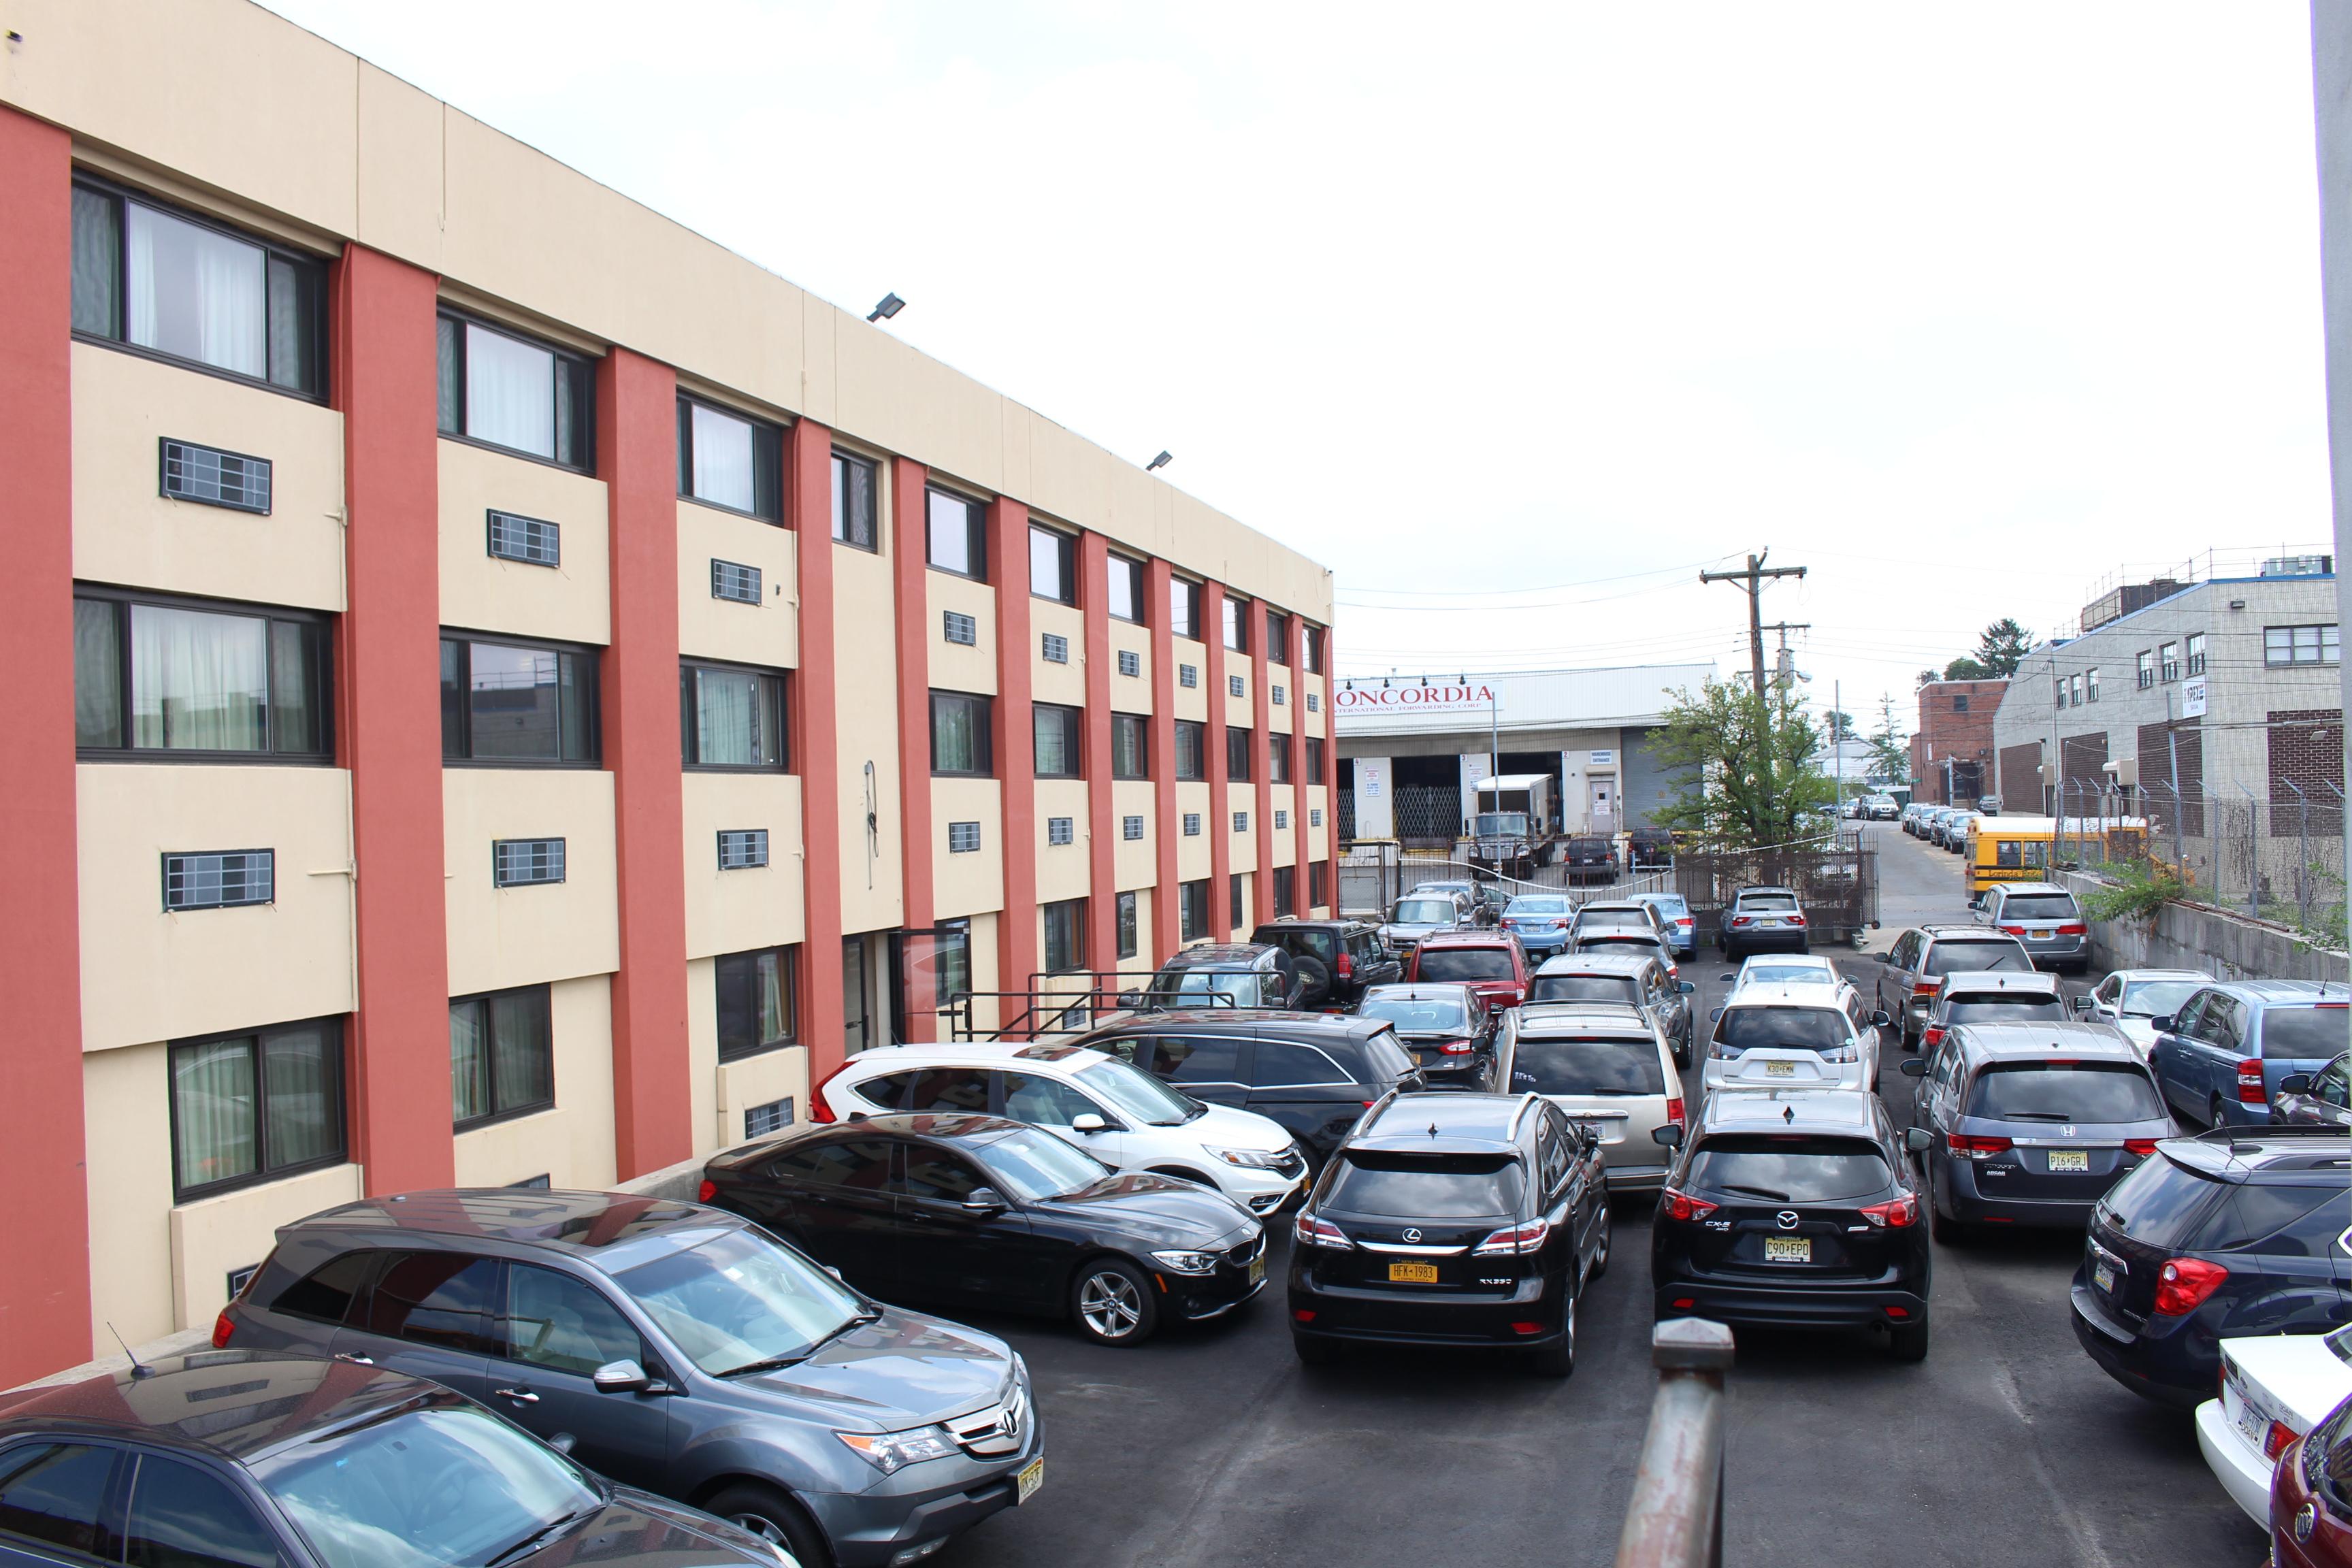 Virtual tour jfk inn for Hotels near new york airport jfk